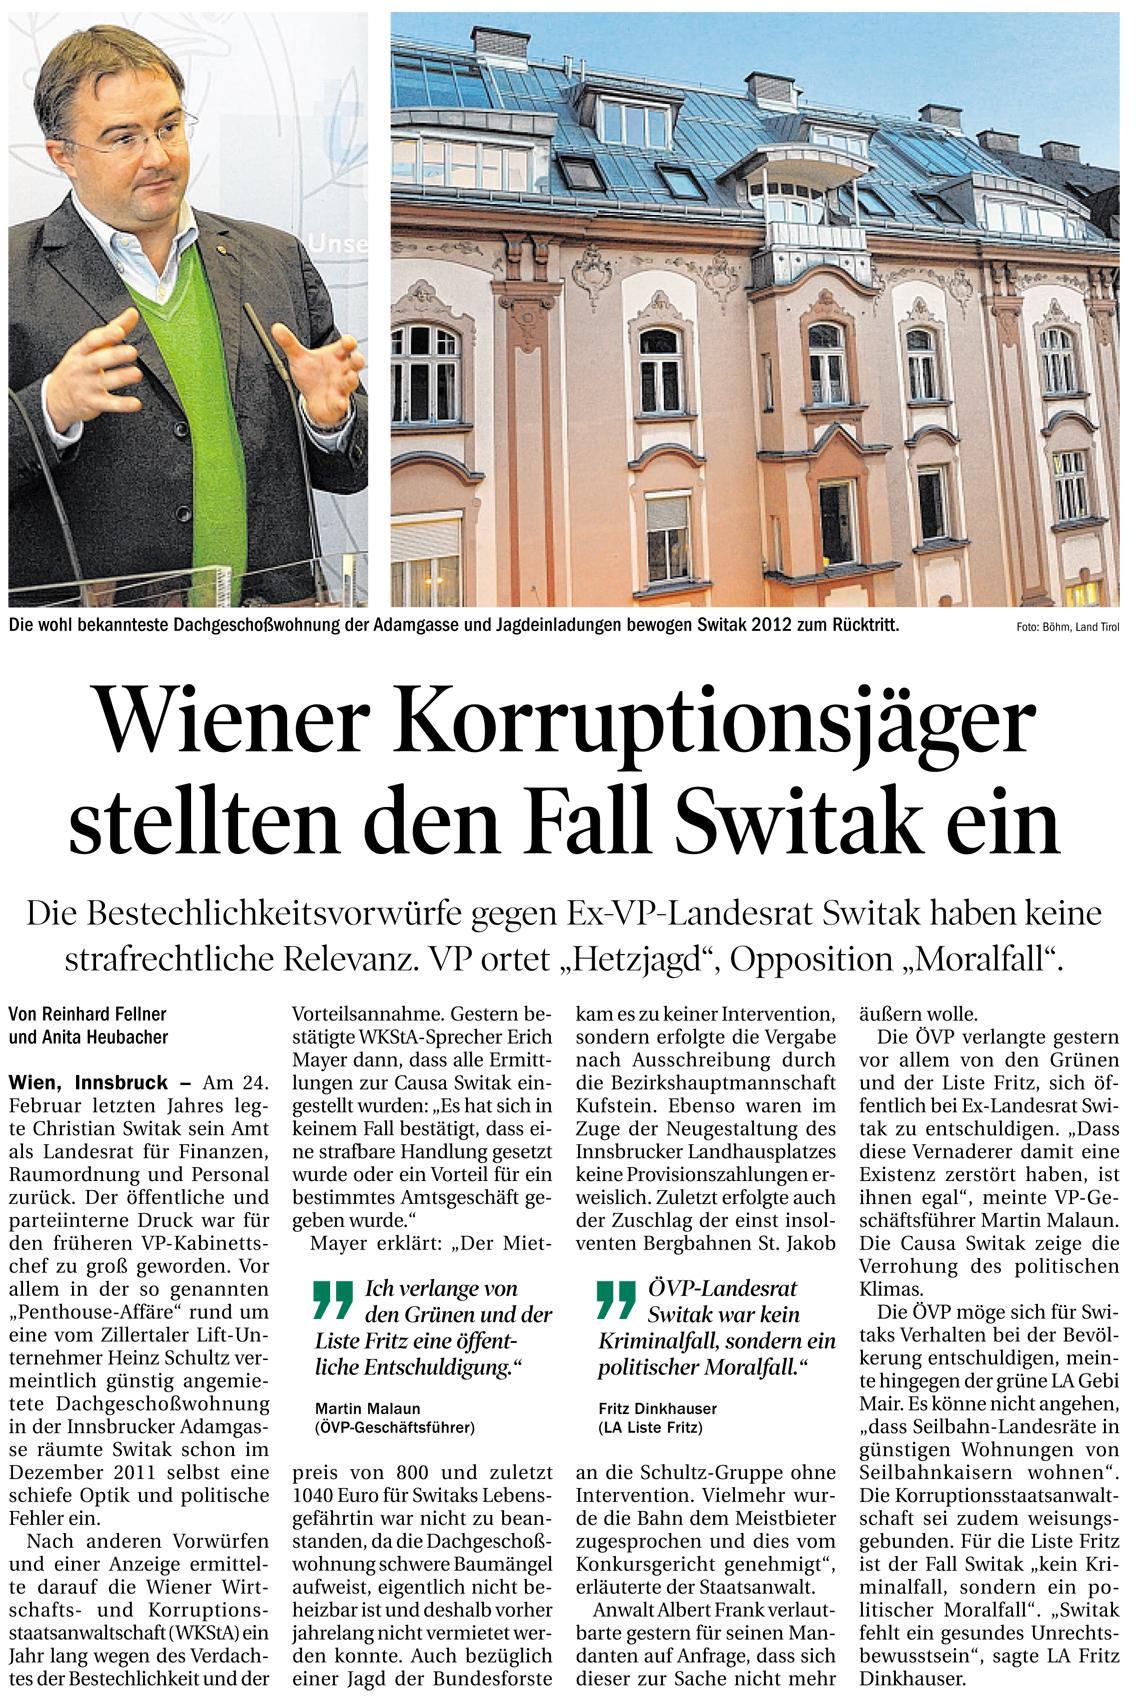 Bericht der Tiroler Tageszeitung zum Fall Switak